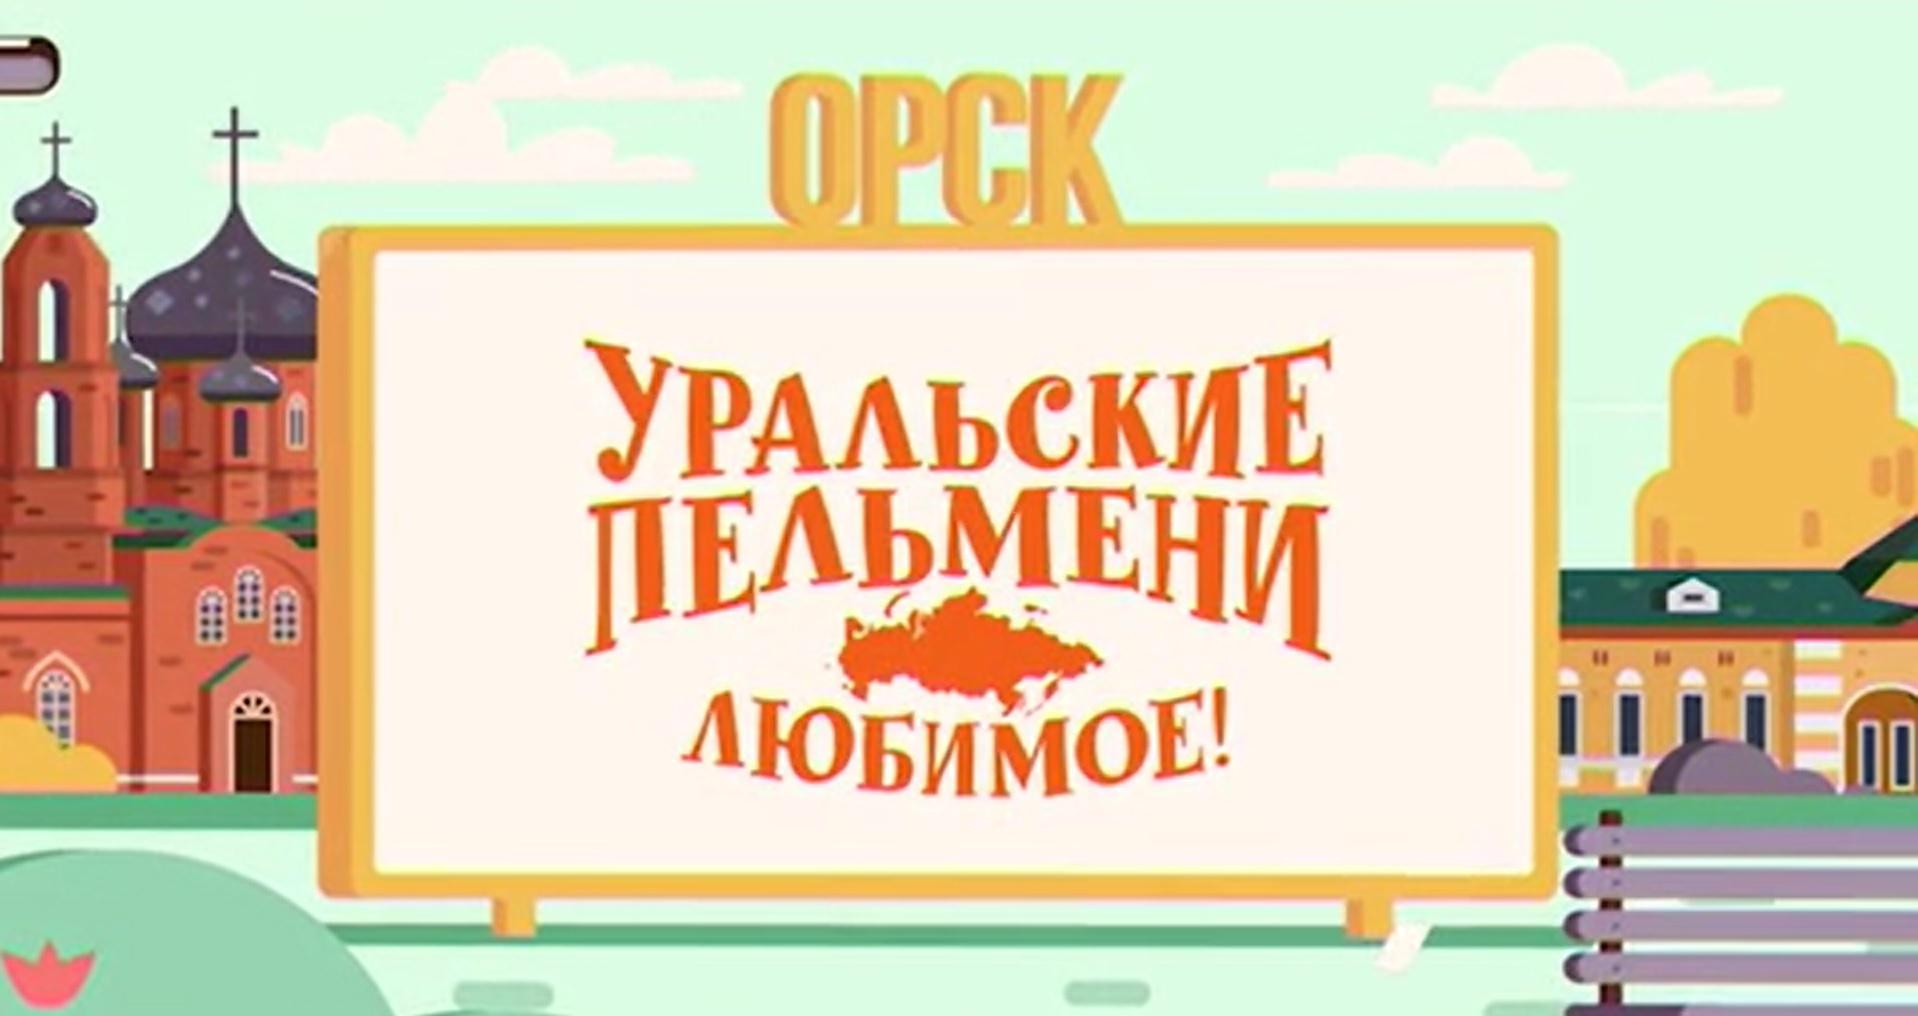 Уральские пельмени. Любимое. Орск